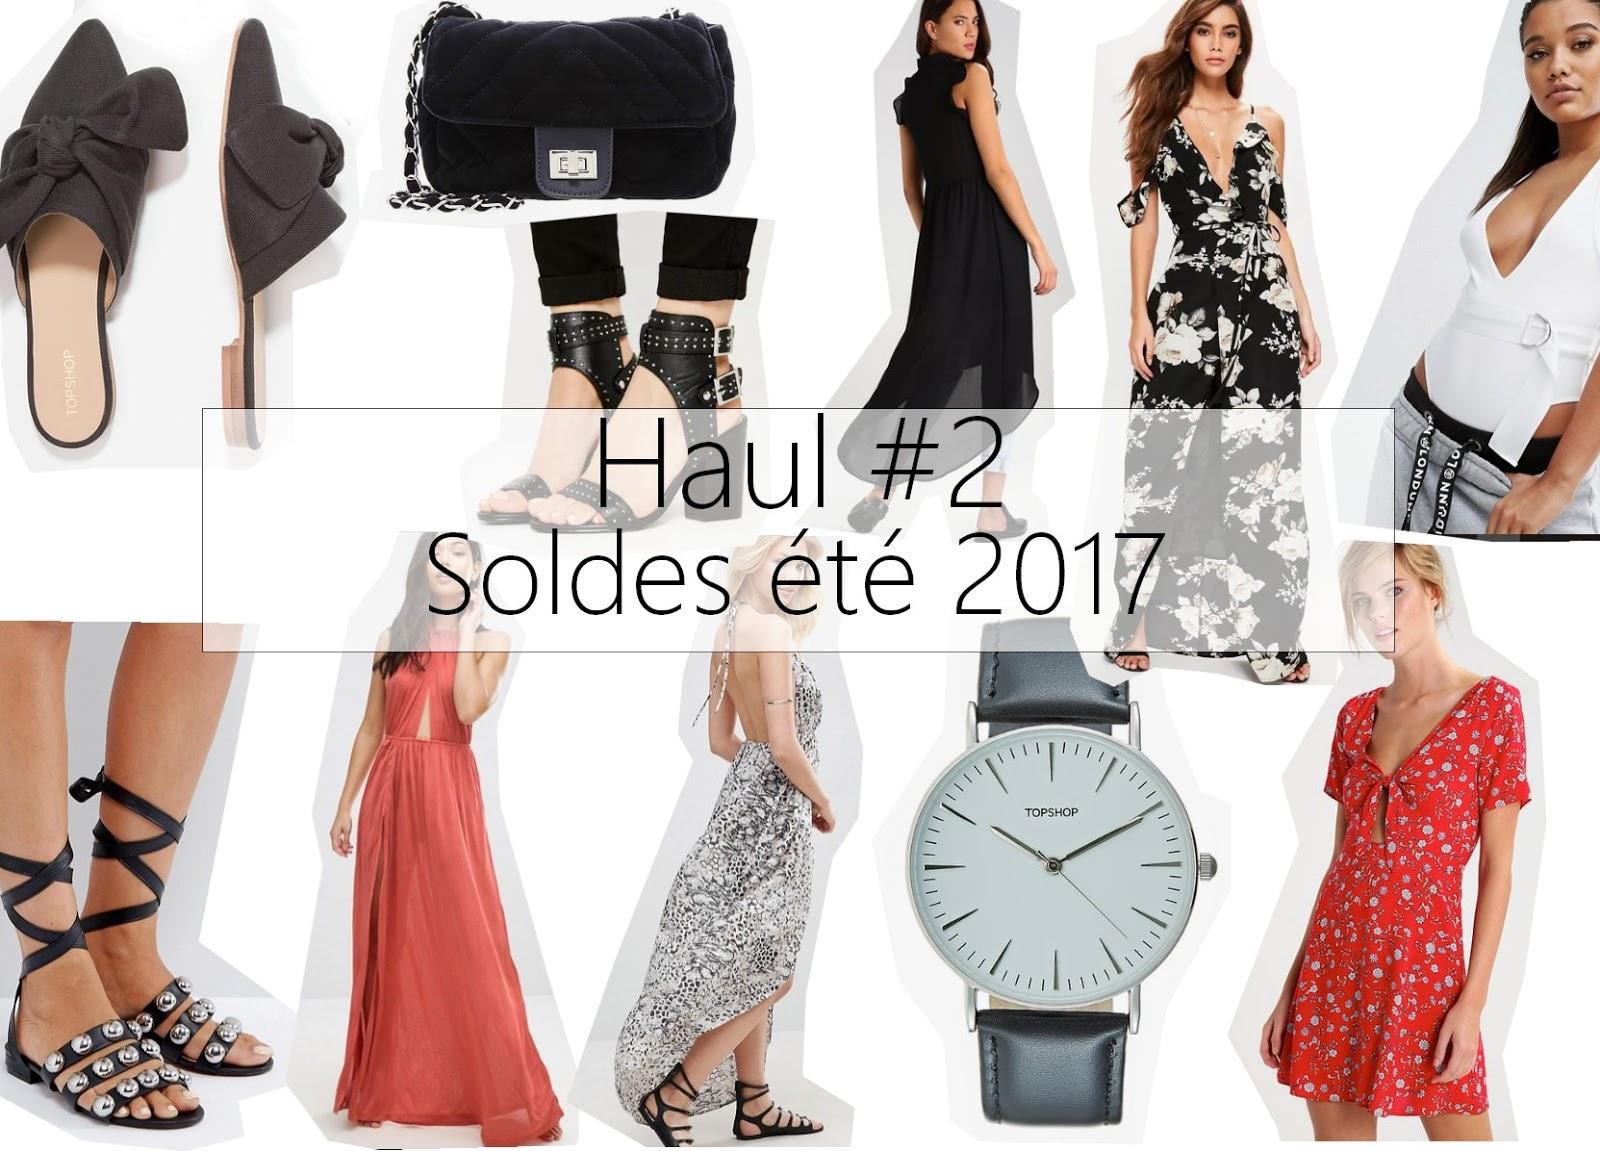 Haul-soldes-2017